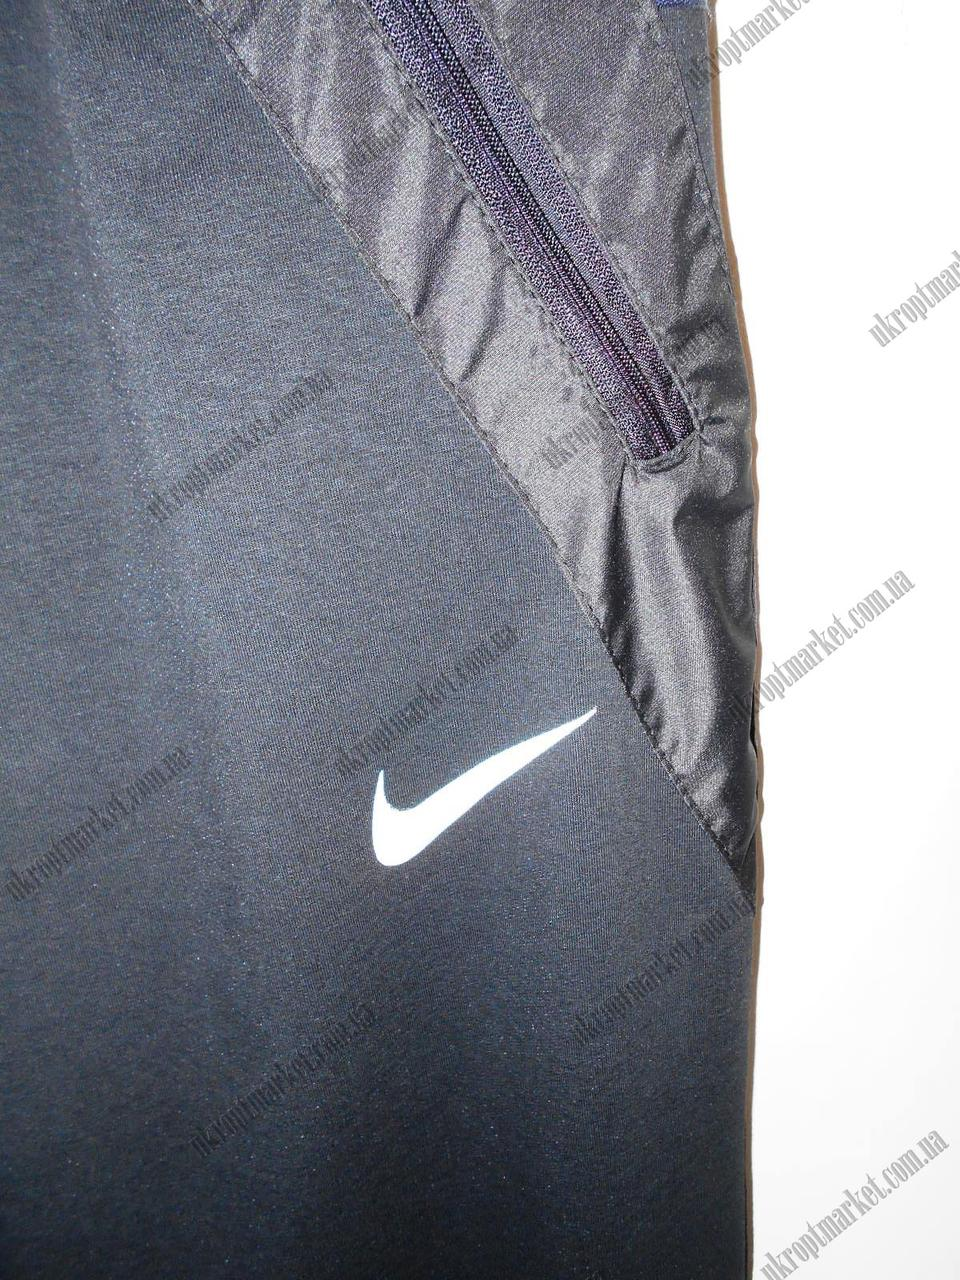 c3584cb9a Мужские спортивные штаны НОРМА